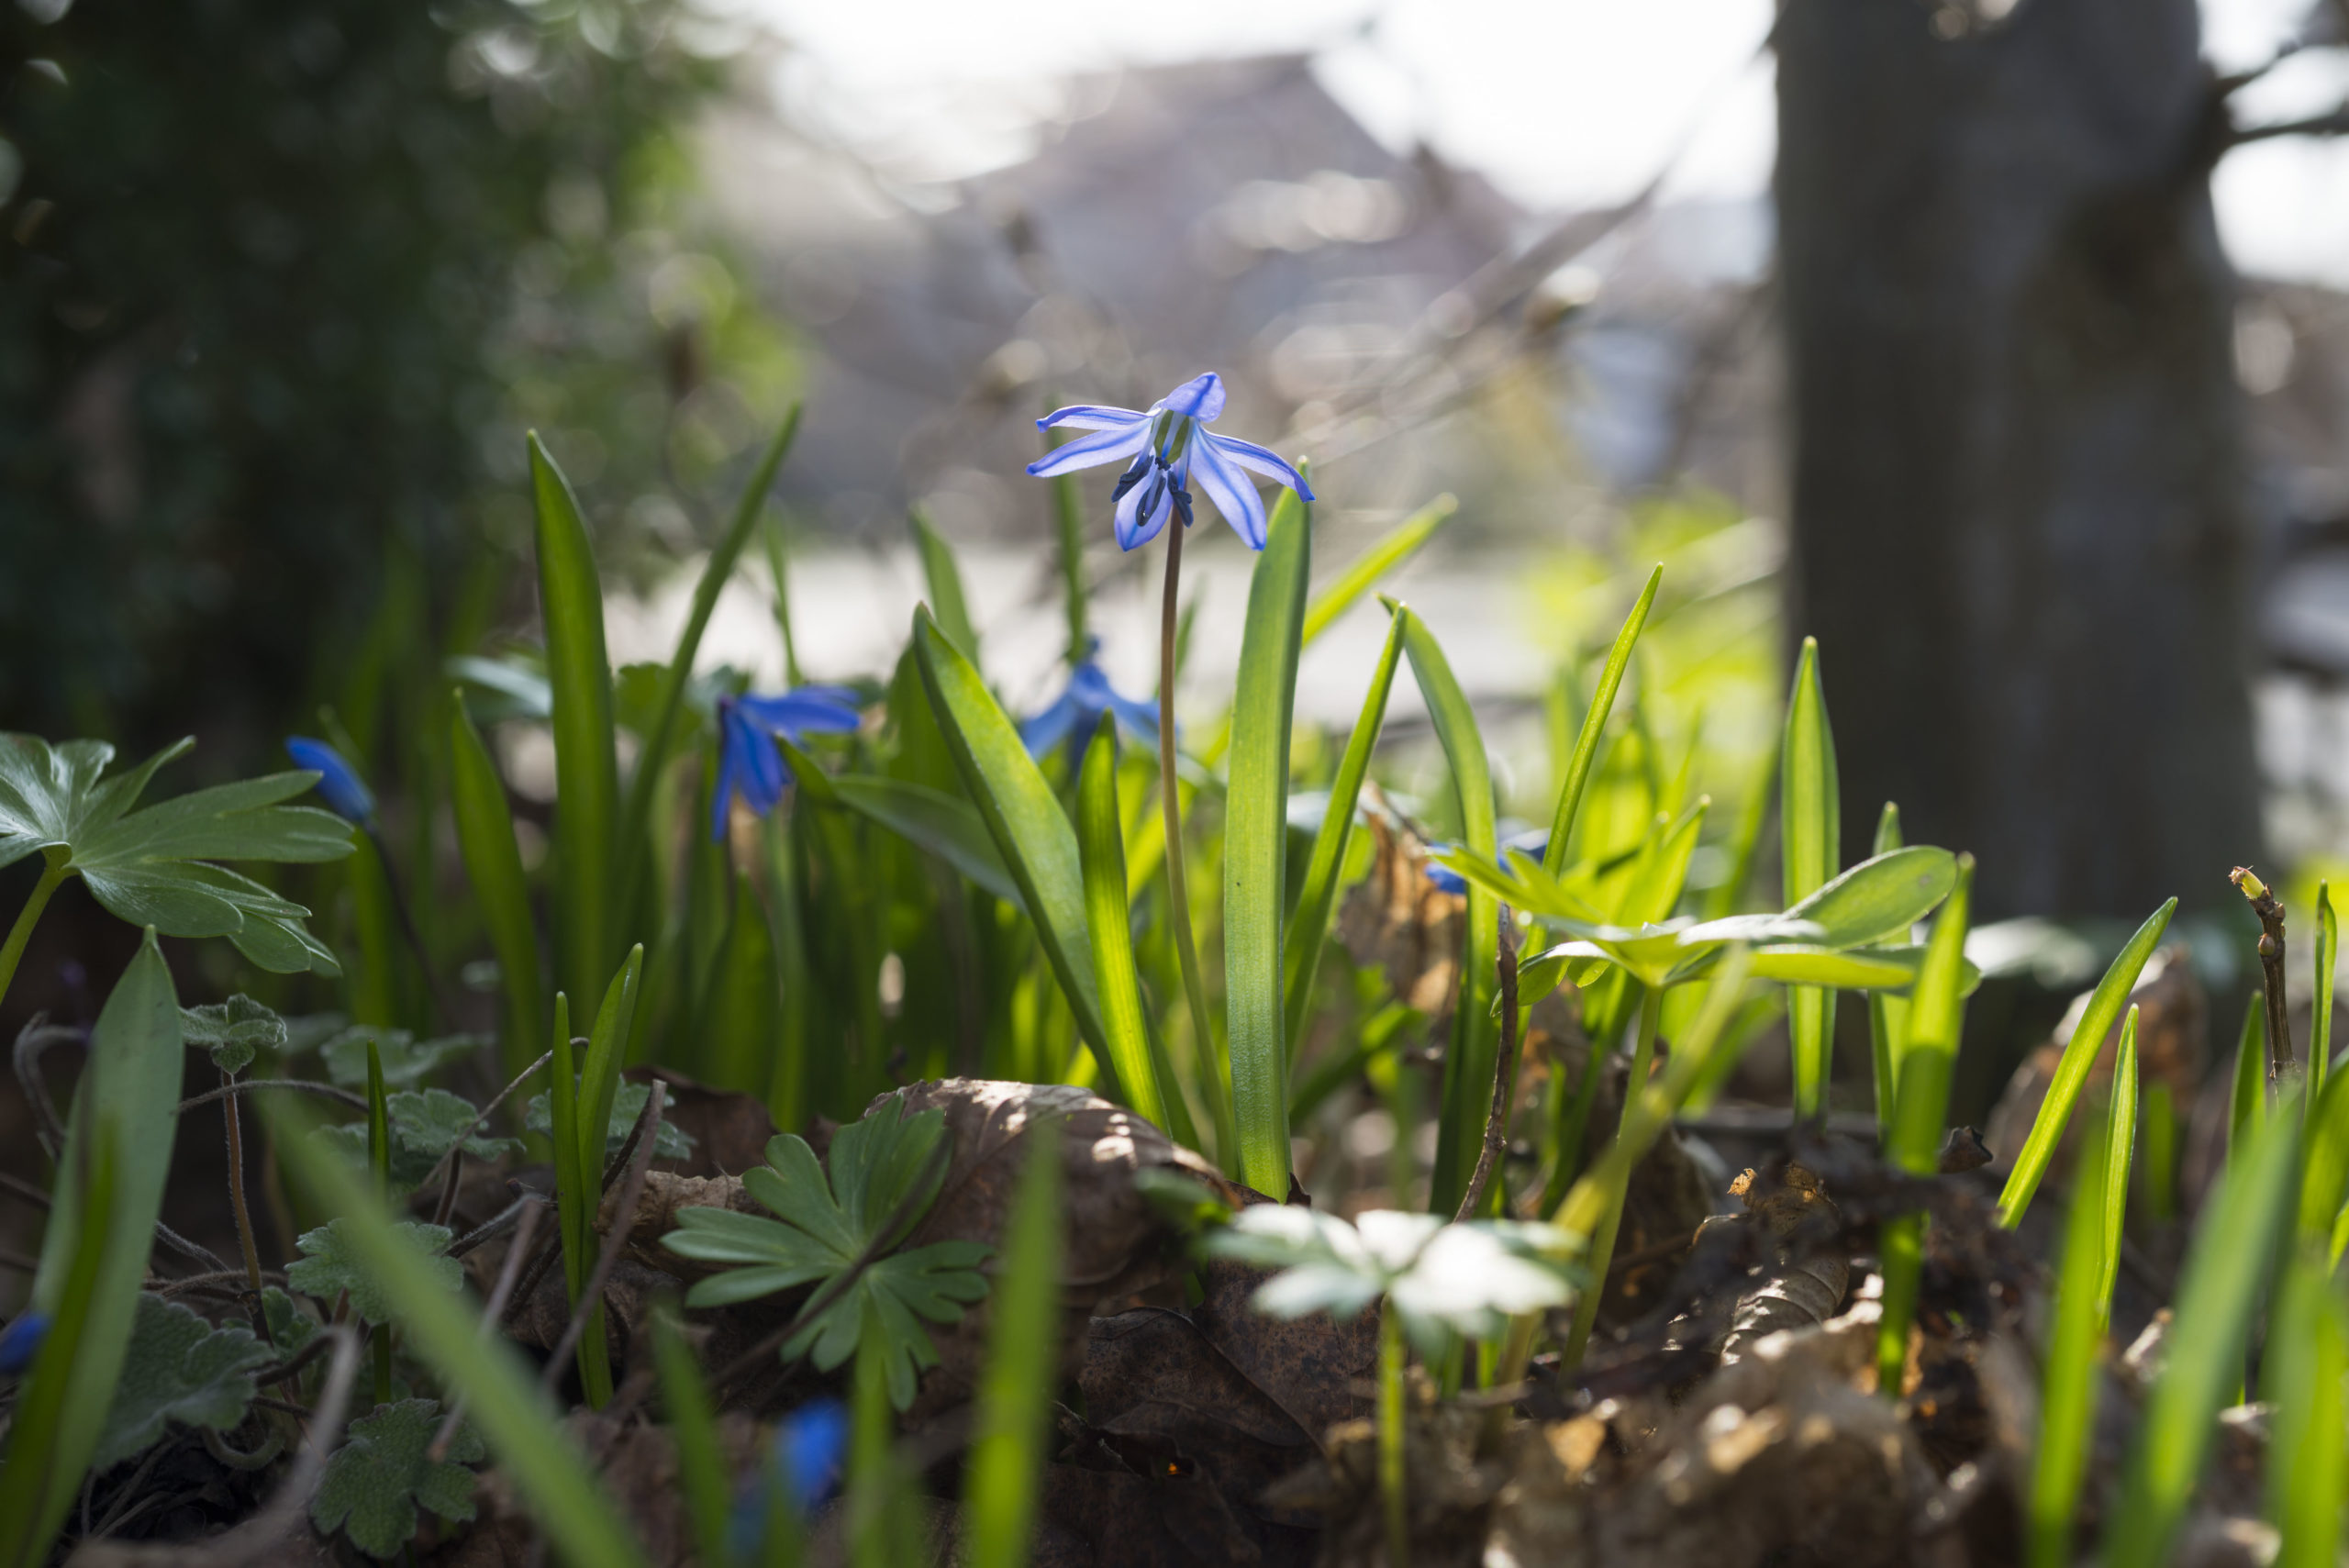 Blausternchen (Scilla siberica) ist eine Zwiebelblumen zum Verwildern.